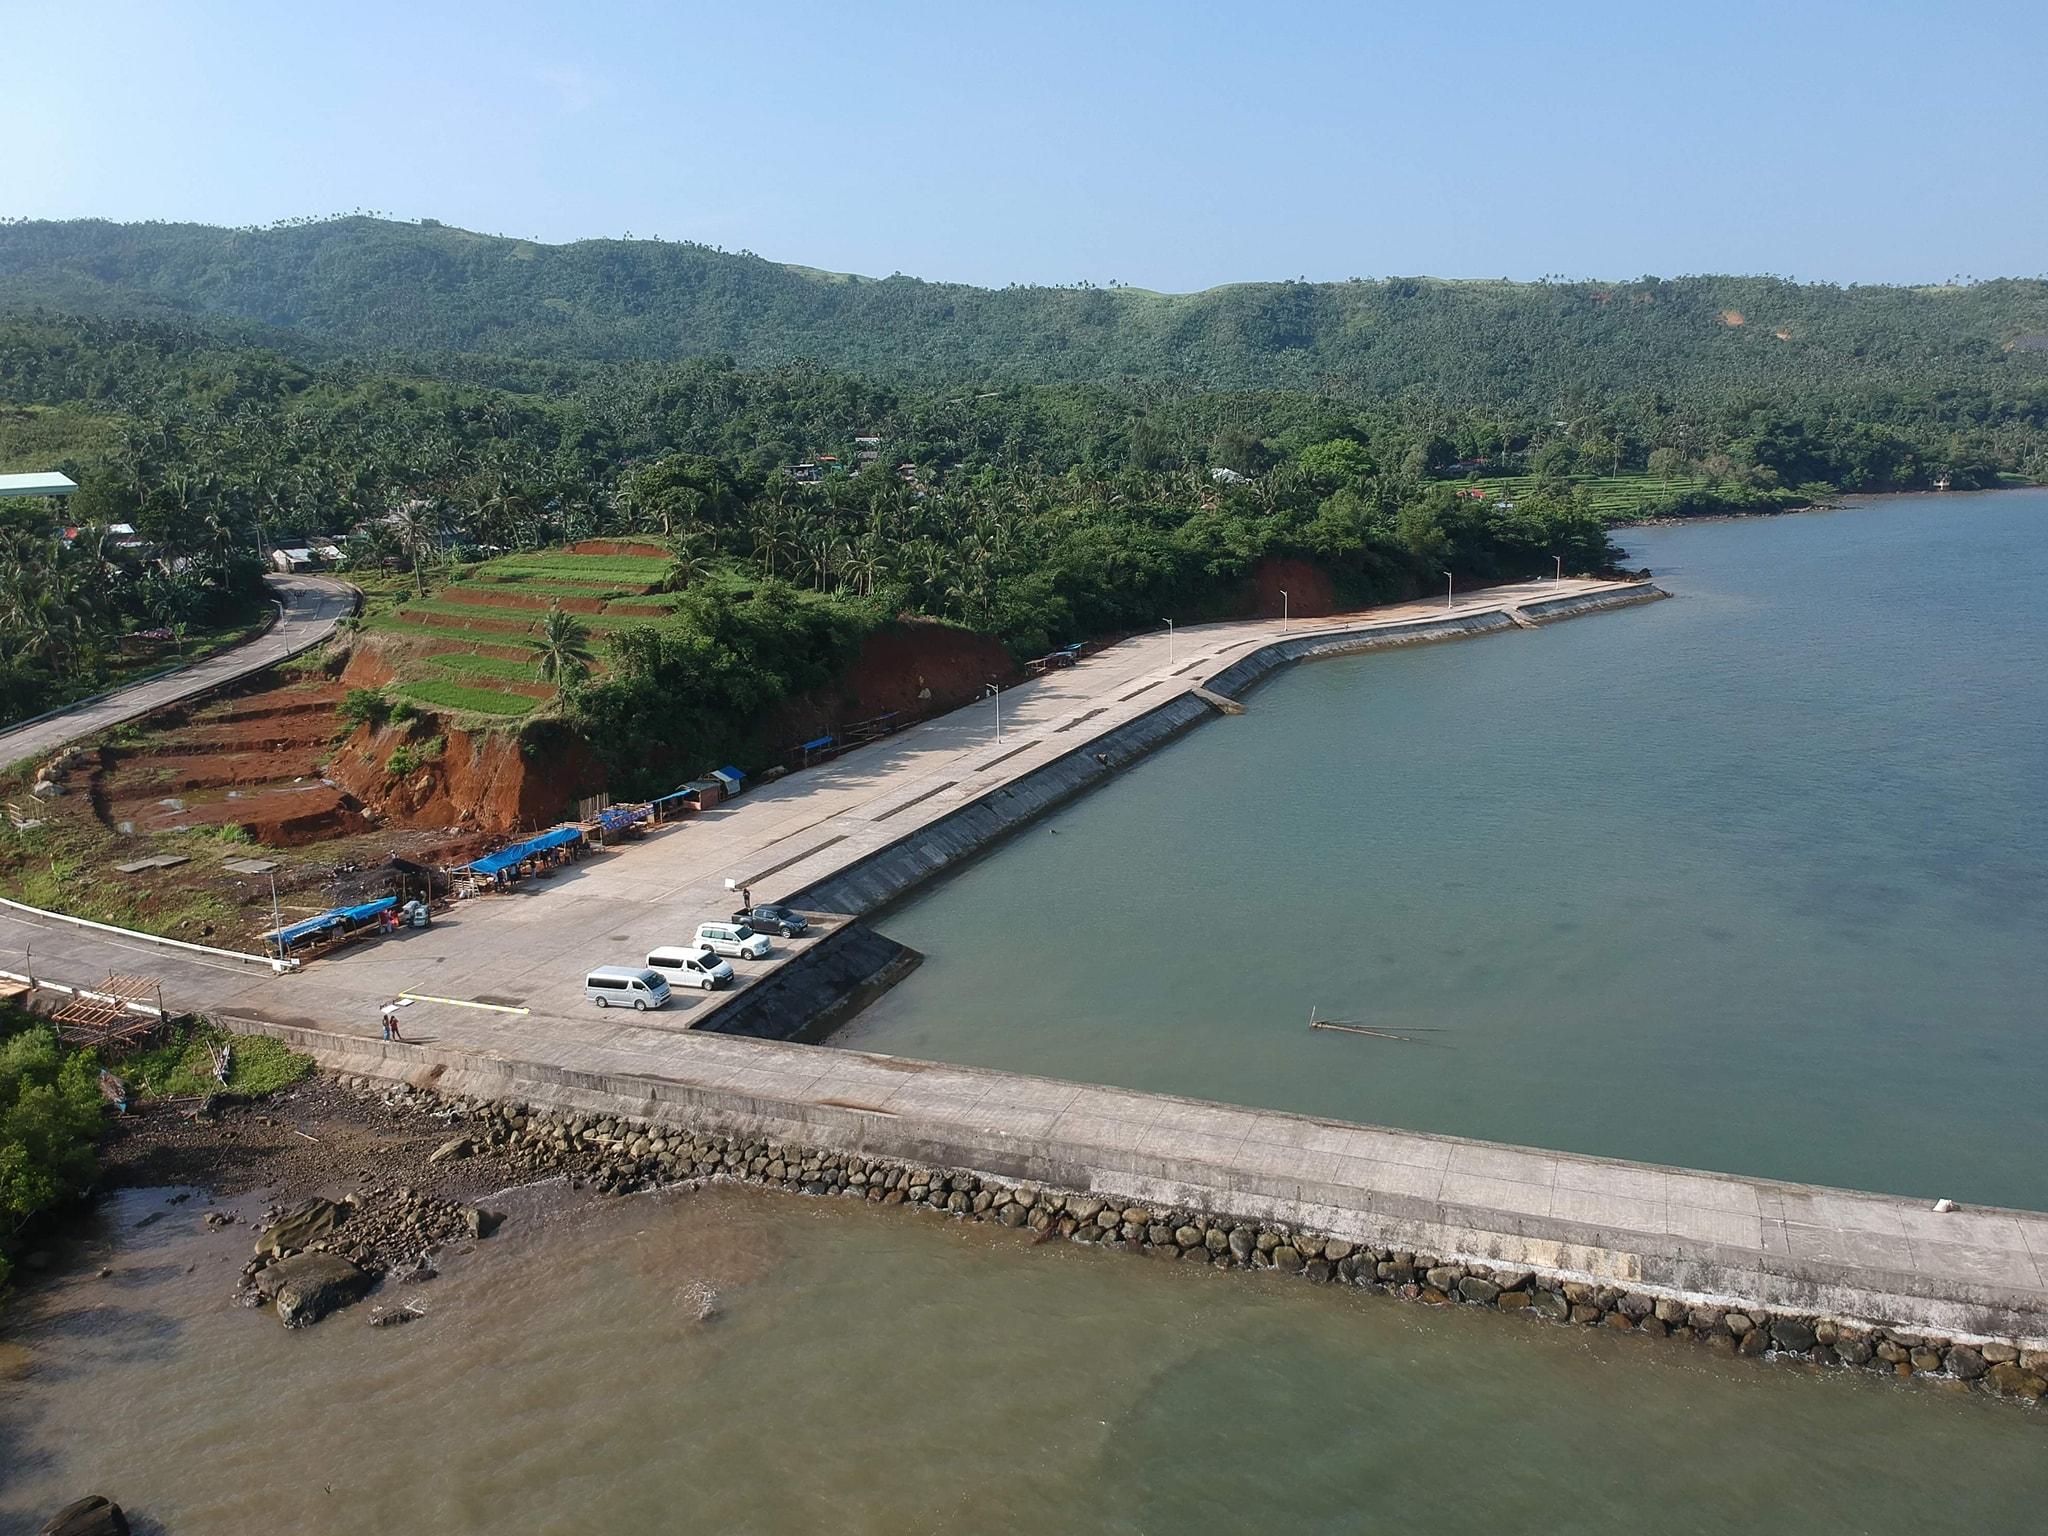 Ininspeksyon ni Ako Bicol PartyList Congressman Alfredo Garbin, Jr. ang Port at Coastal Infrastructure Project sa barangay Buenavista at Bagacay, Albay.